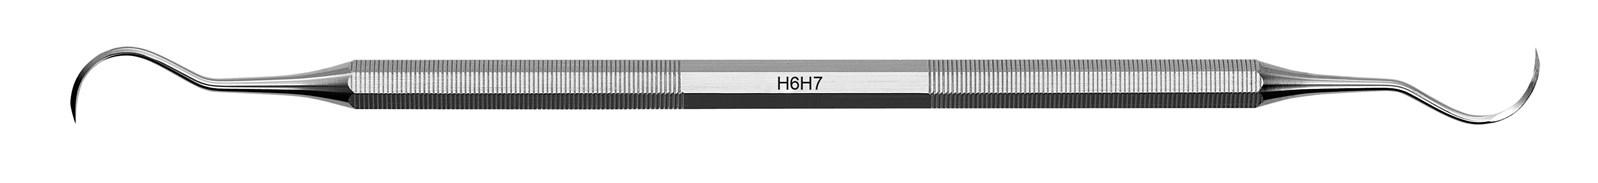 Scaler univerzální - H6H7, ADEP fialový